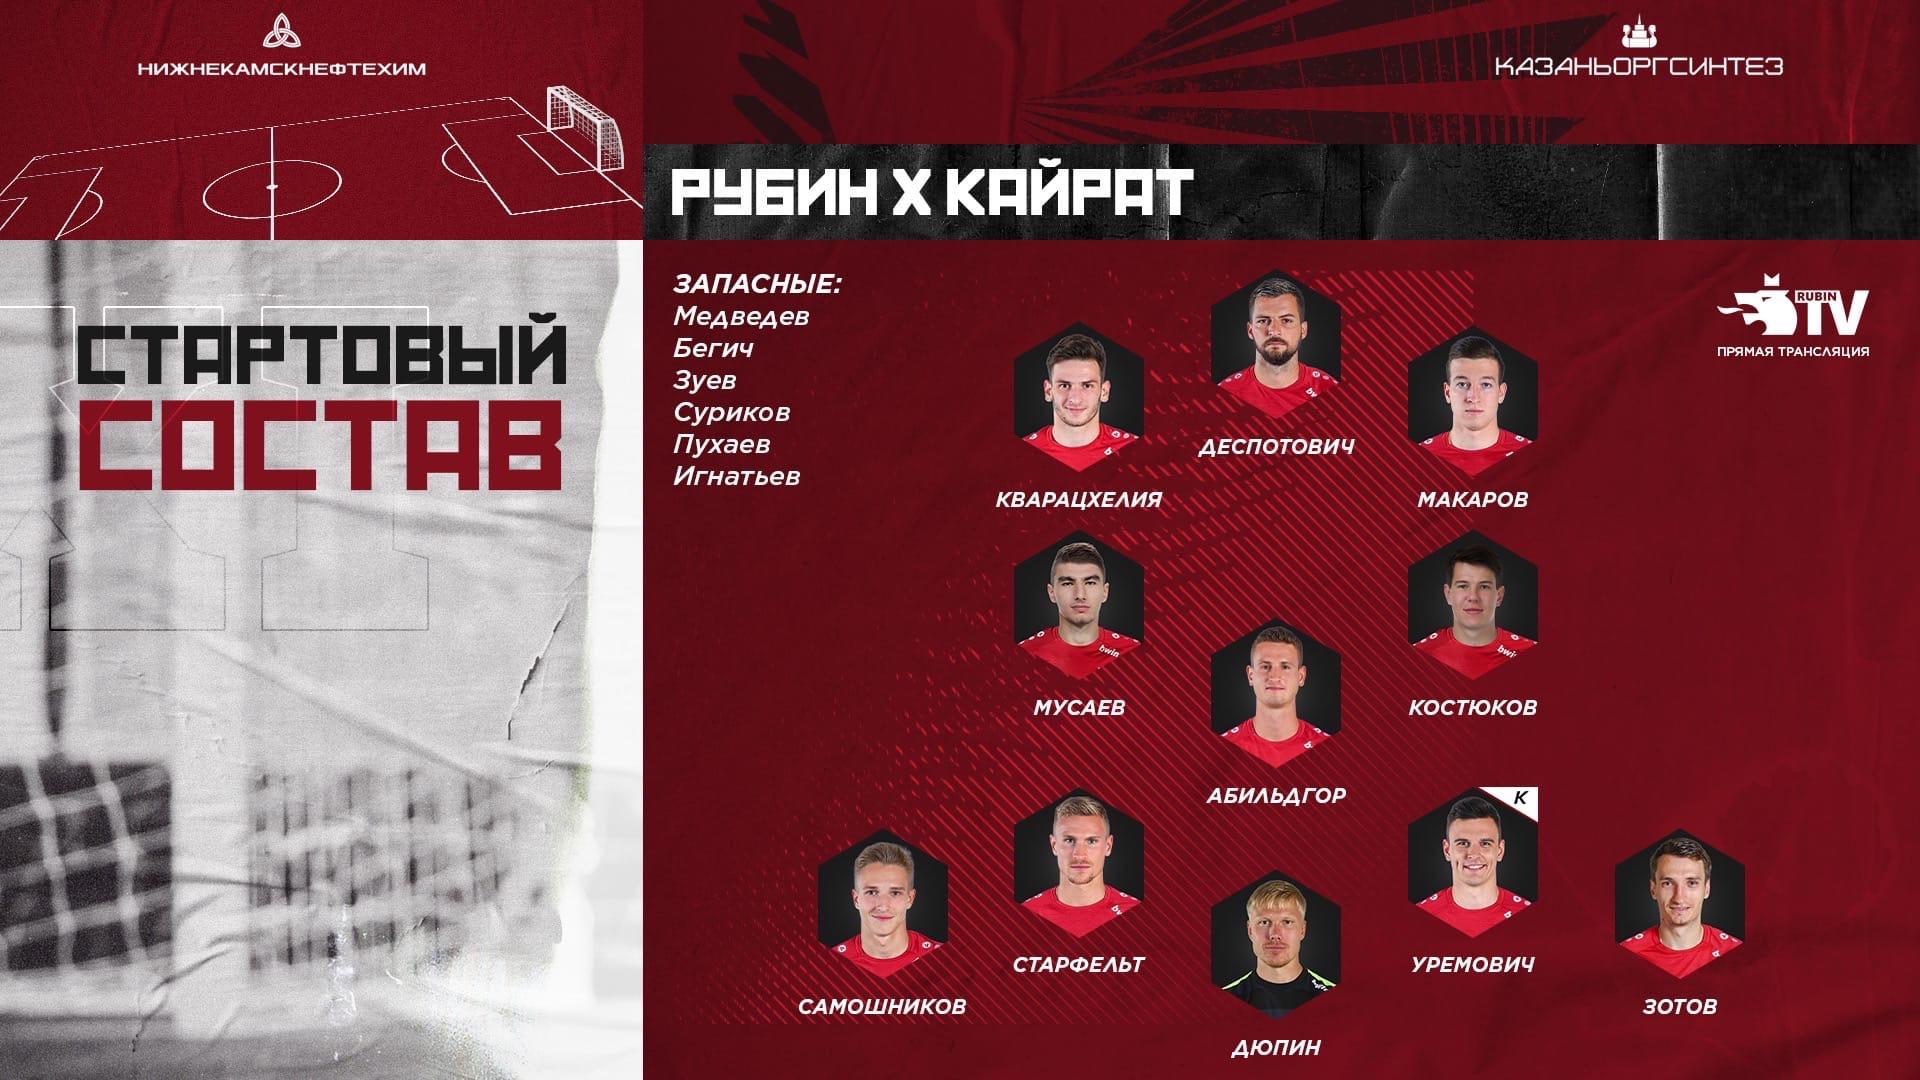 Рубин (Казань) - Кайрат (Алматы, Казахстан) 1:0